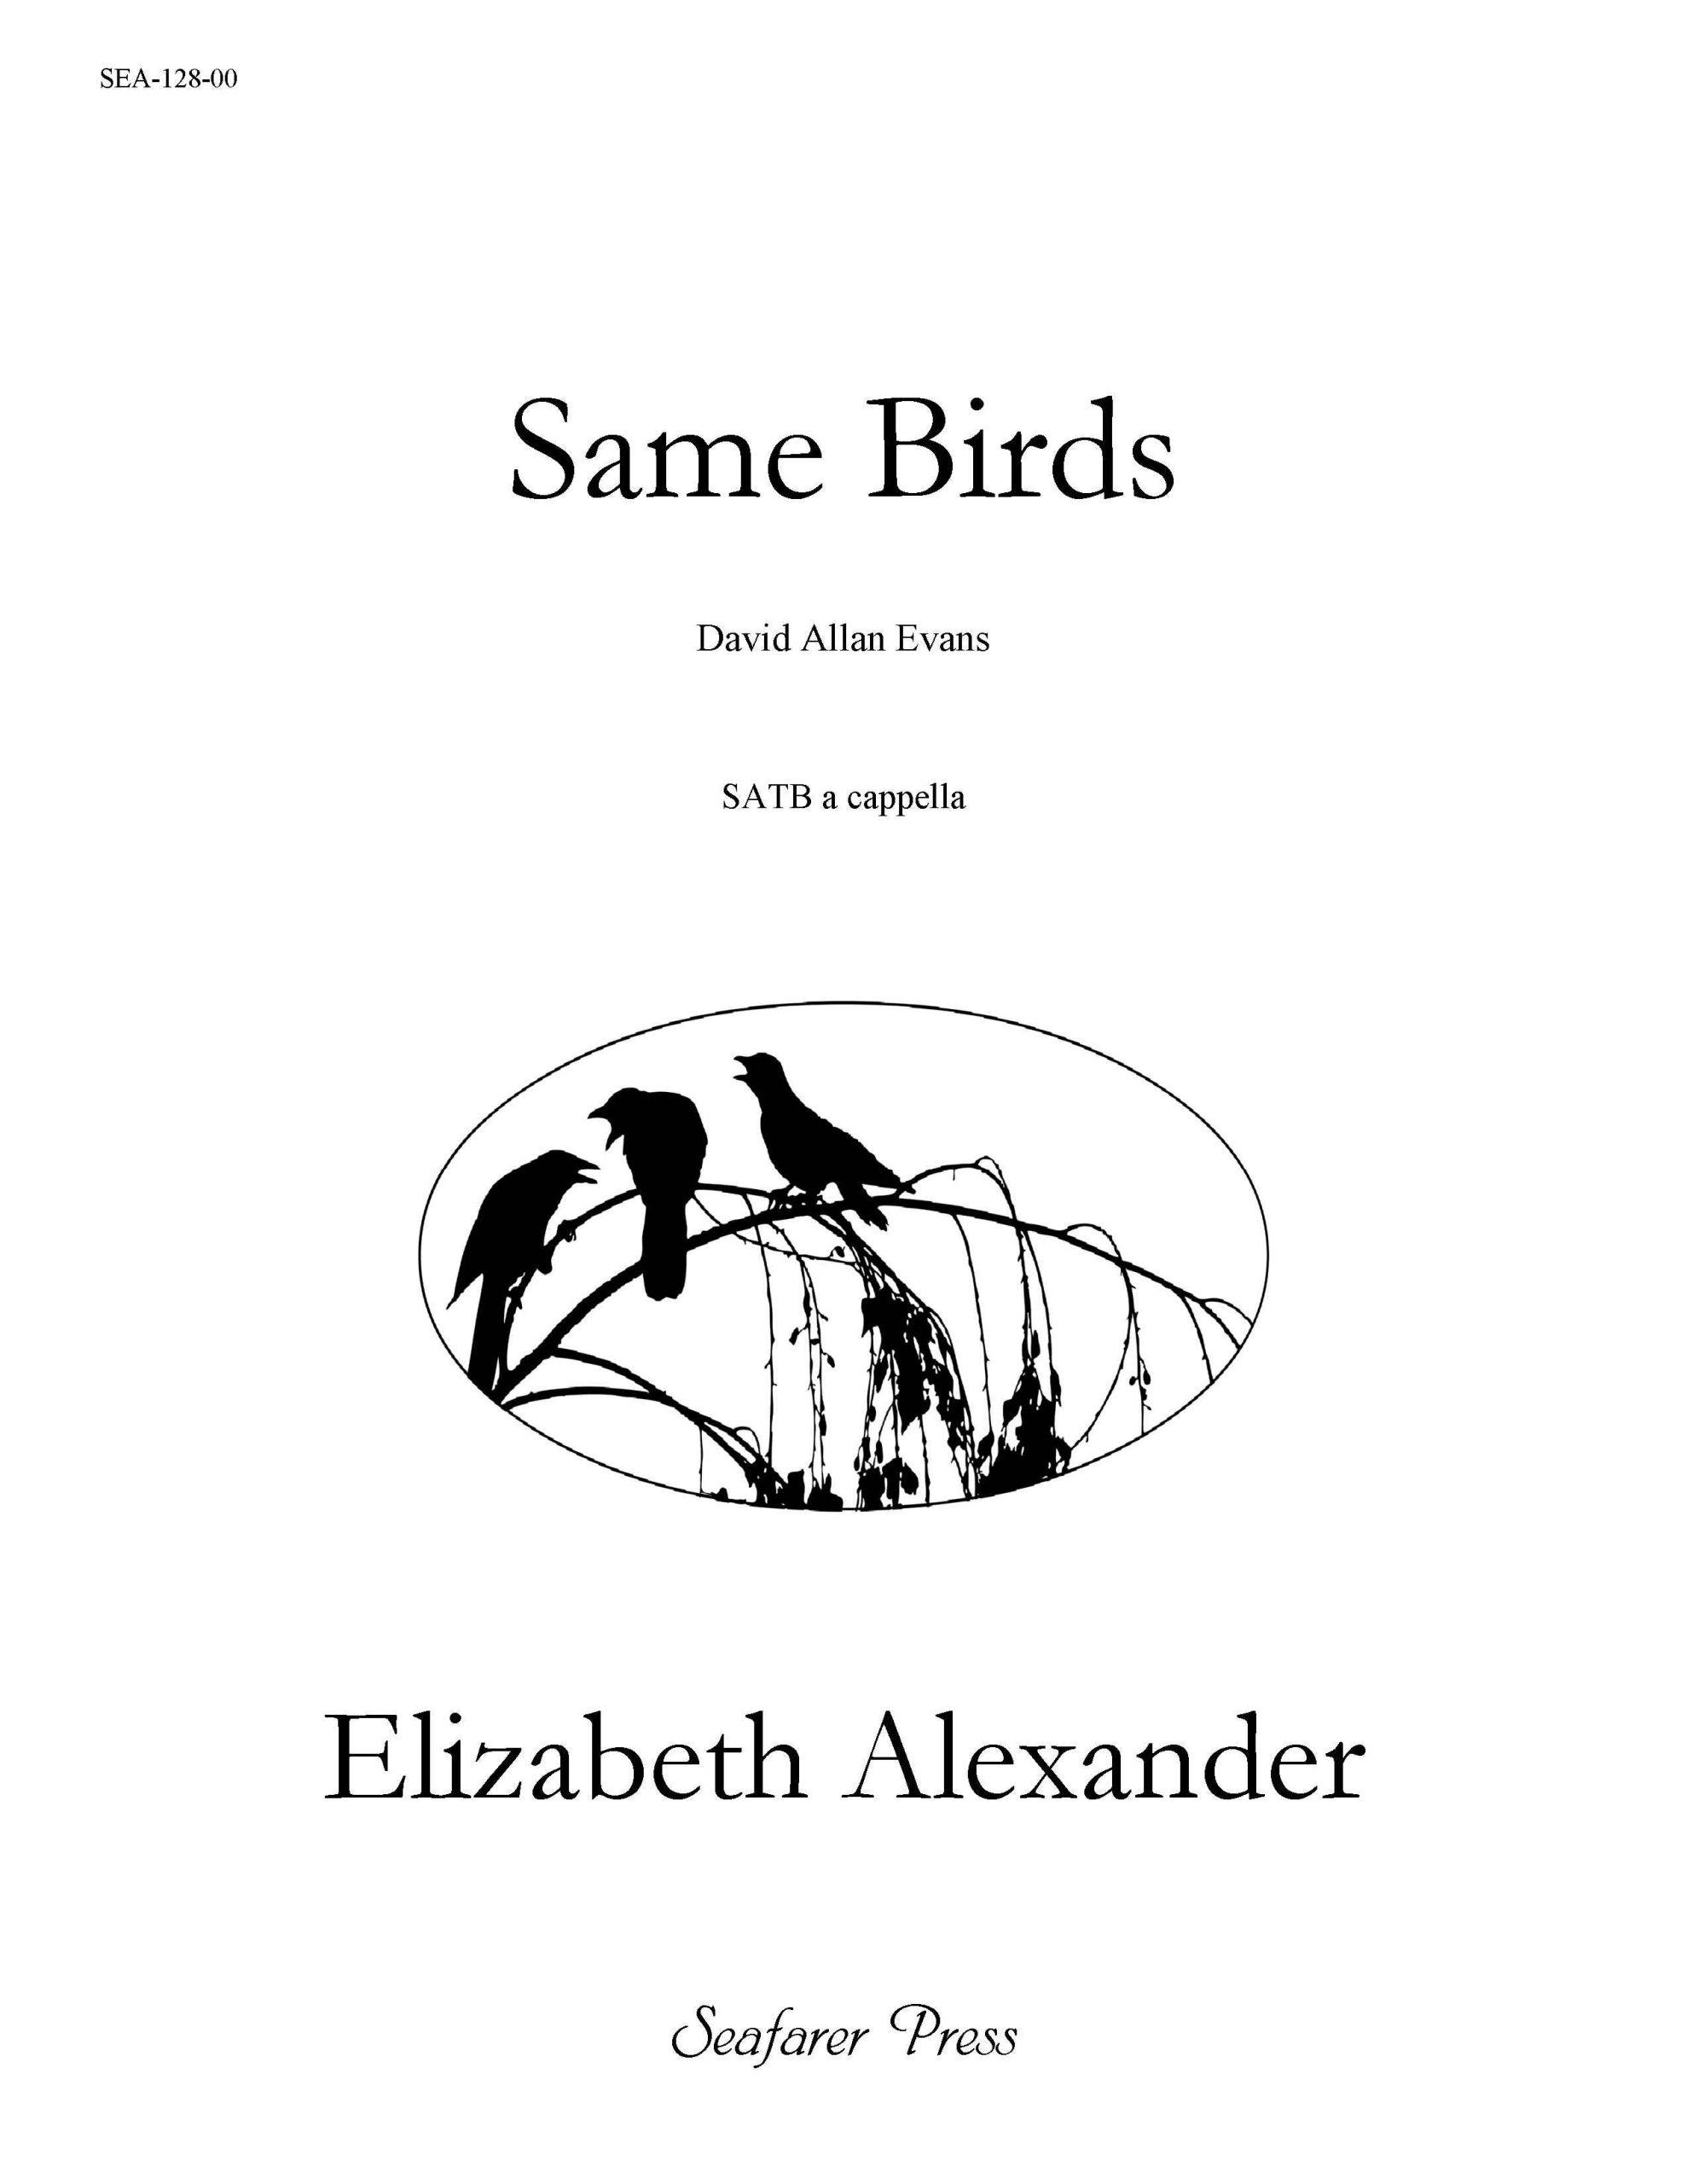 SEA-128-00 - Same Birds